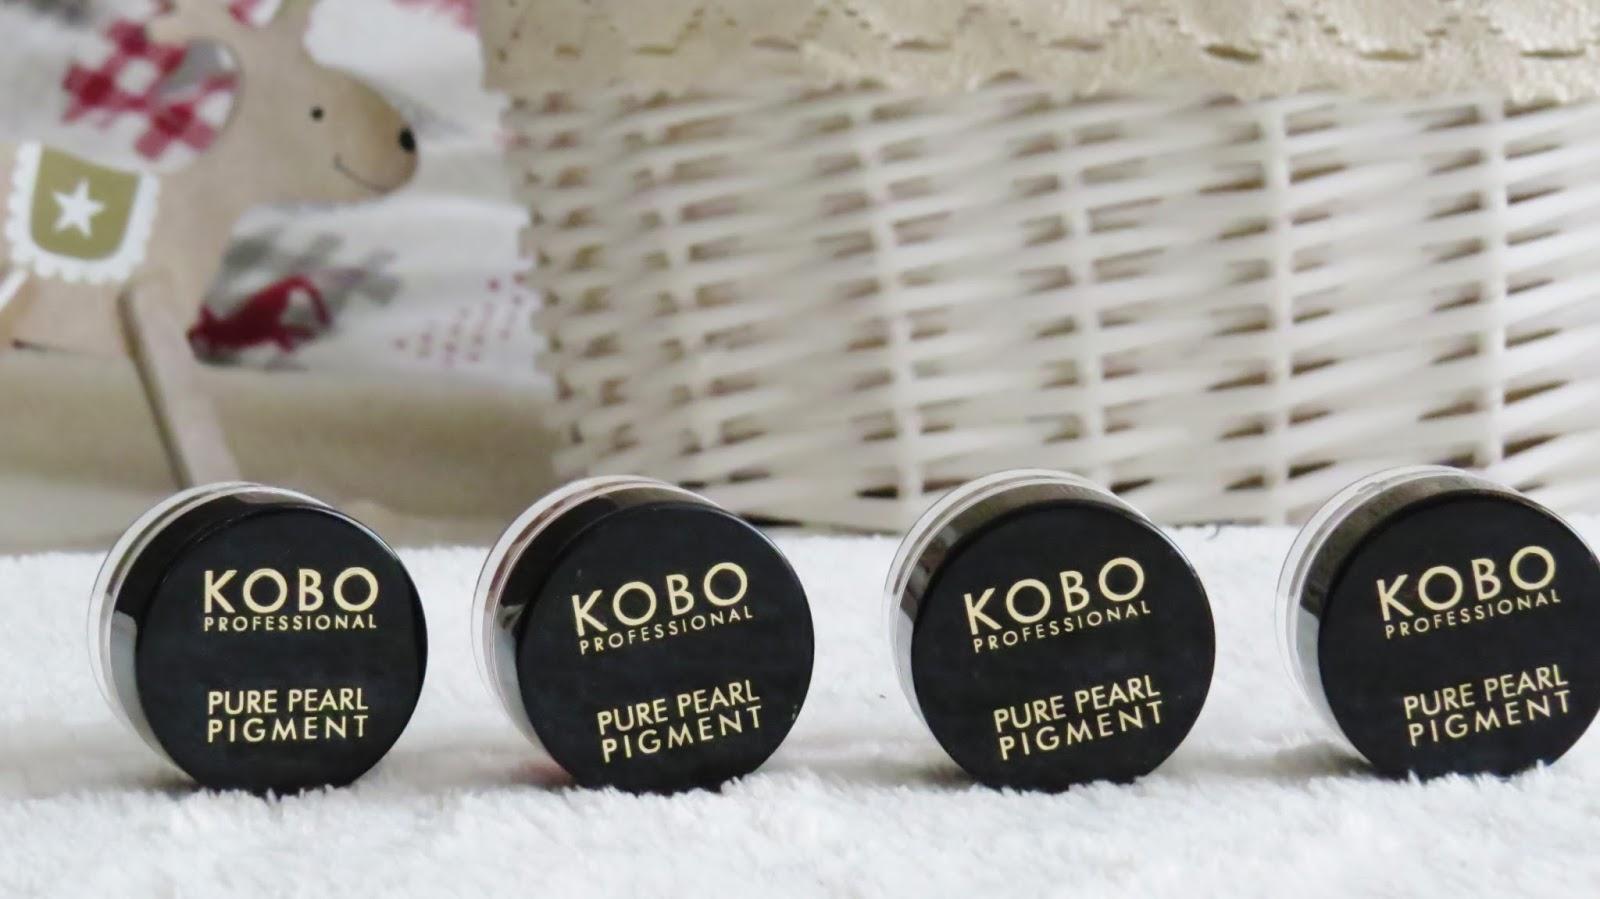 Kolorowe pigmenty od marki KOBO